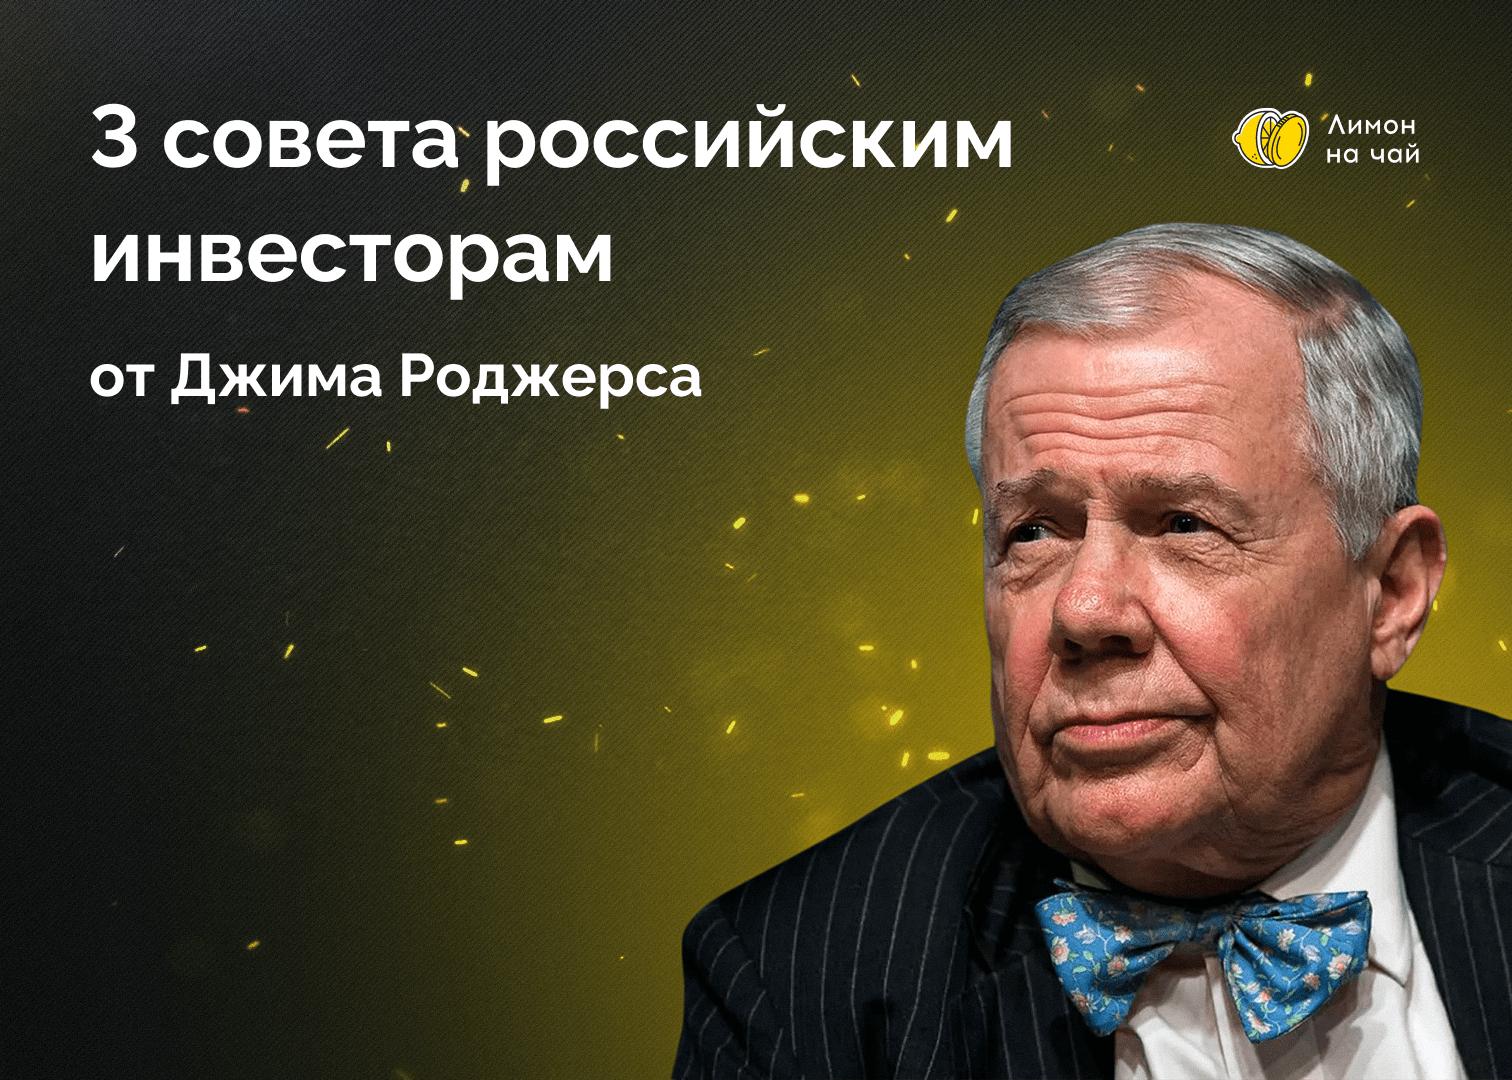 3 совета российским инвесторам от миллионера Джима Роджерса